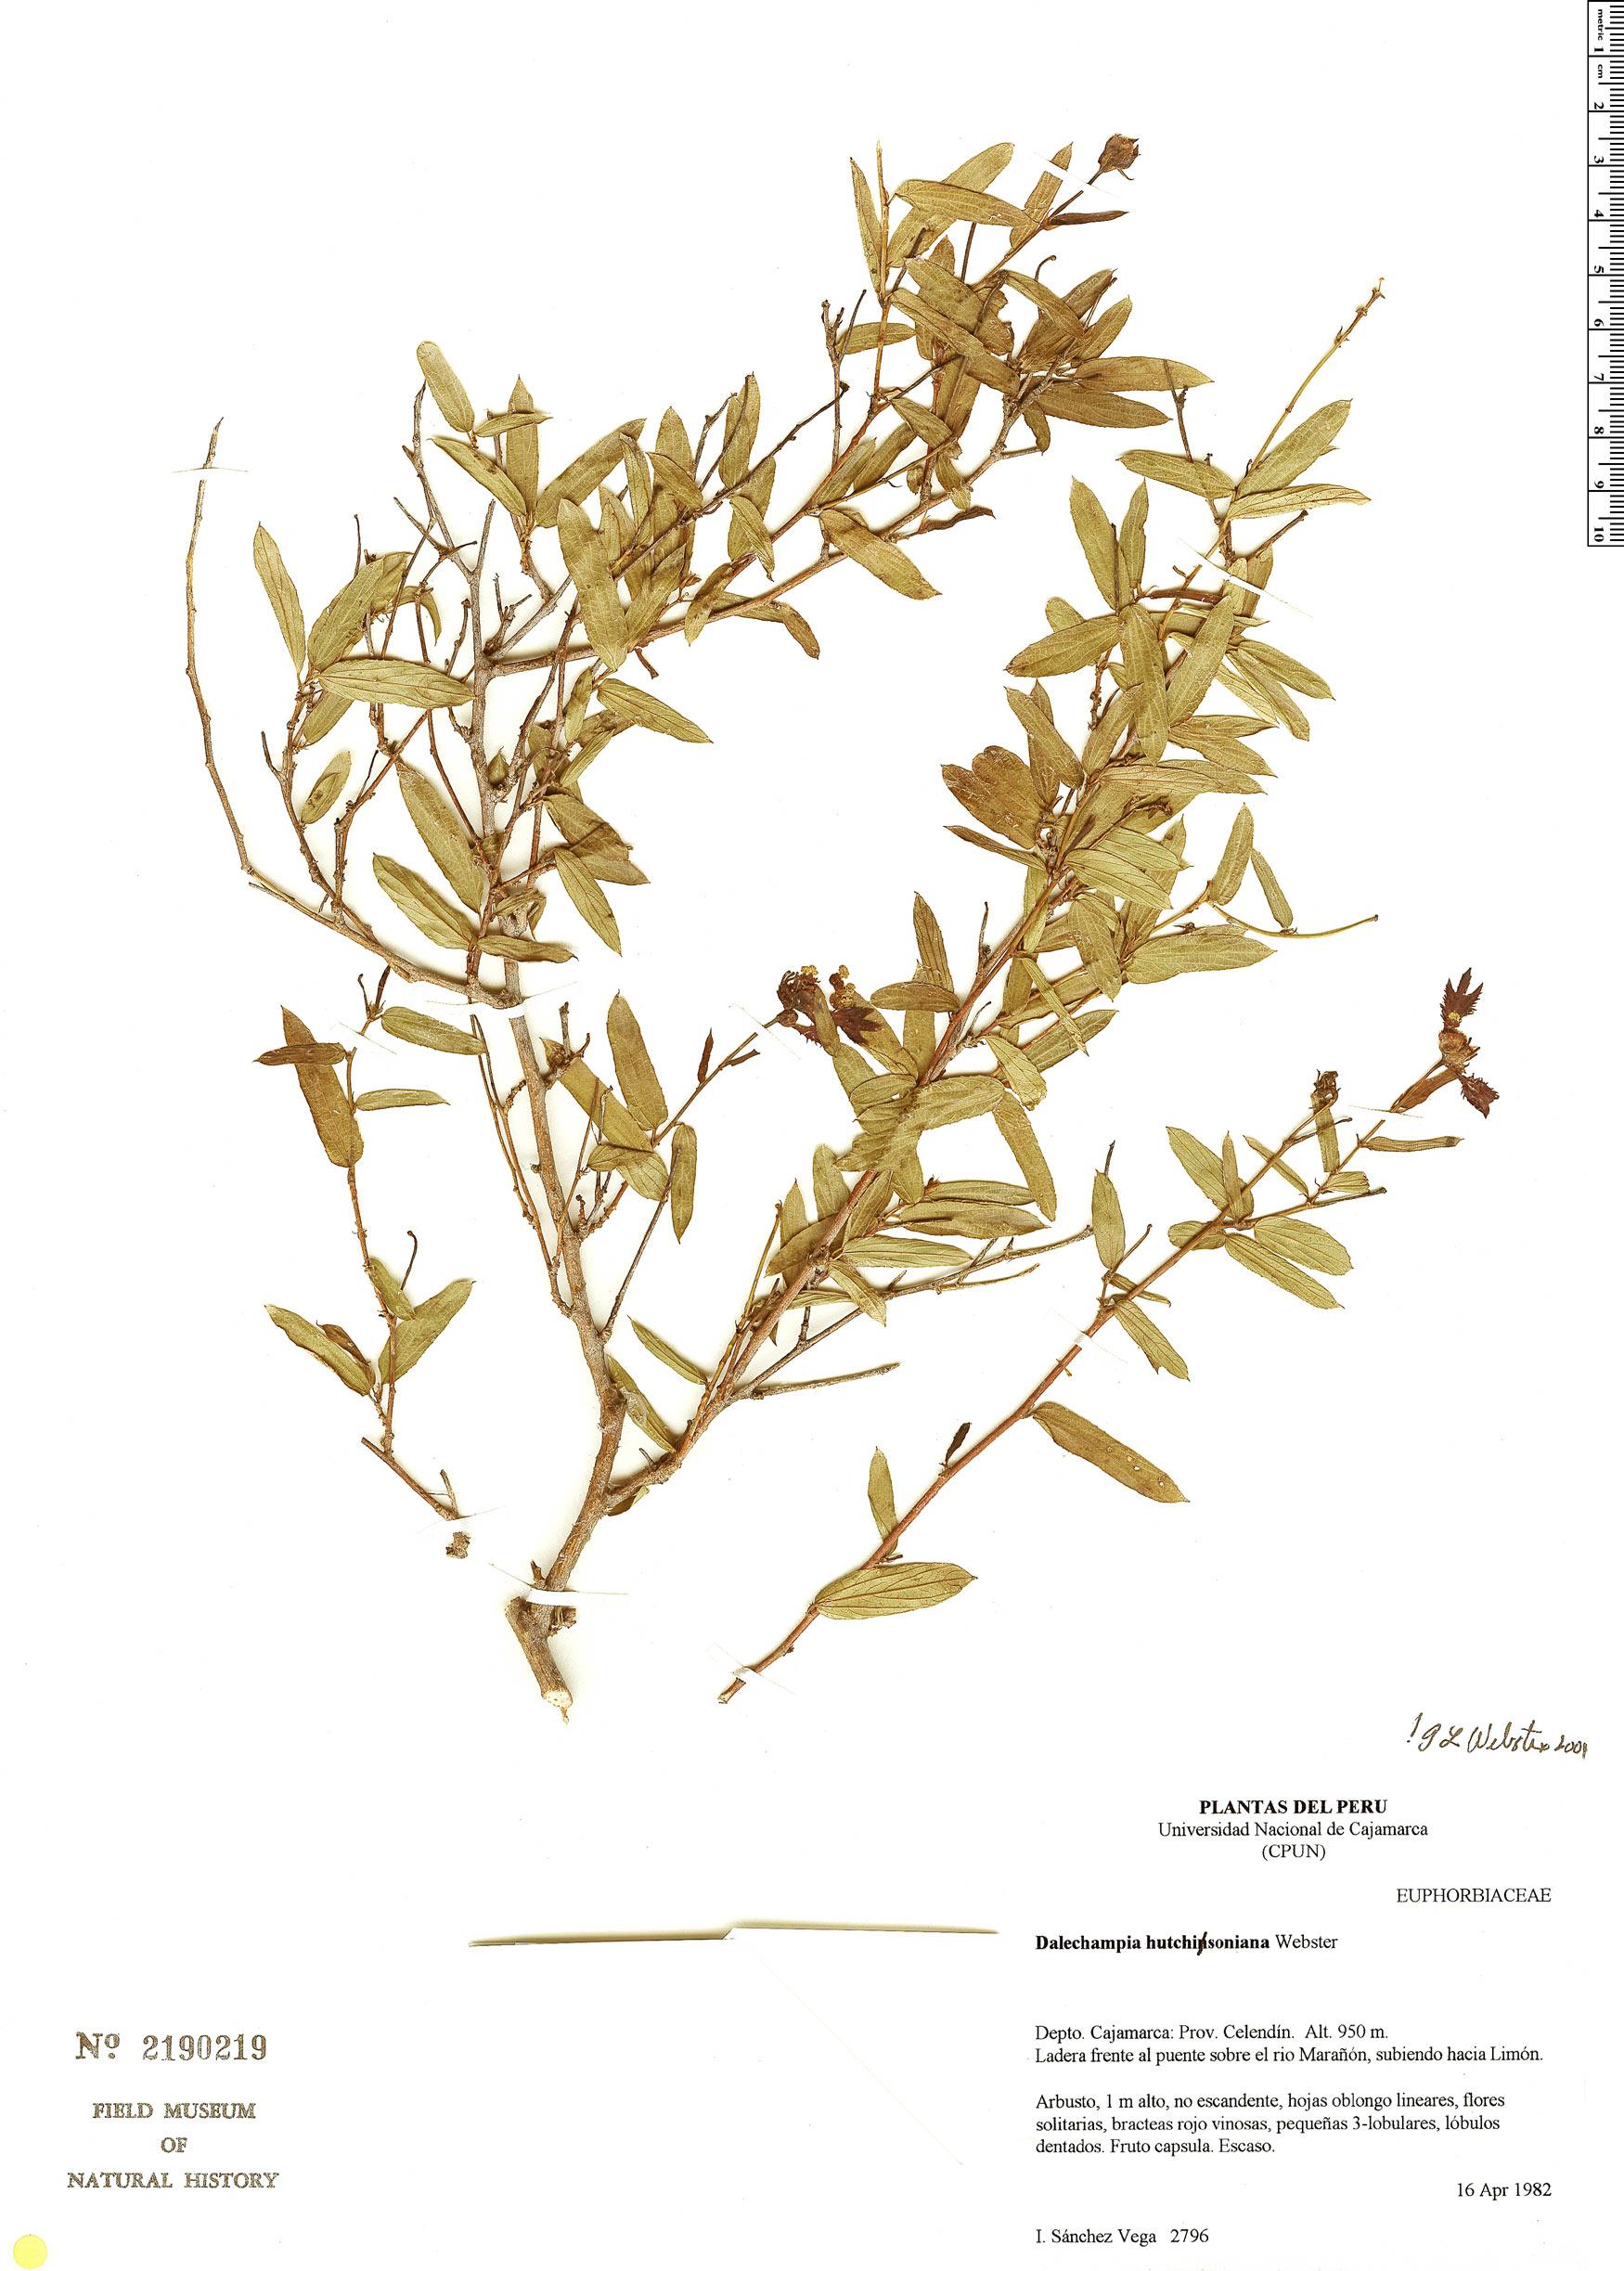 Specimen: Dalechampia hutchinsoniana